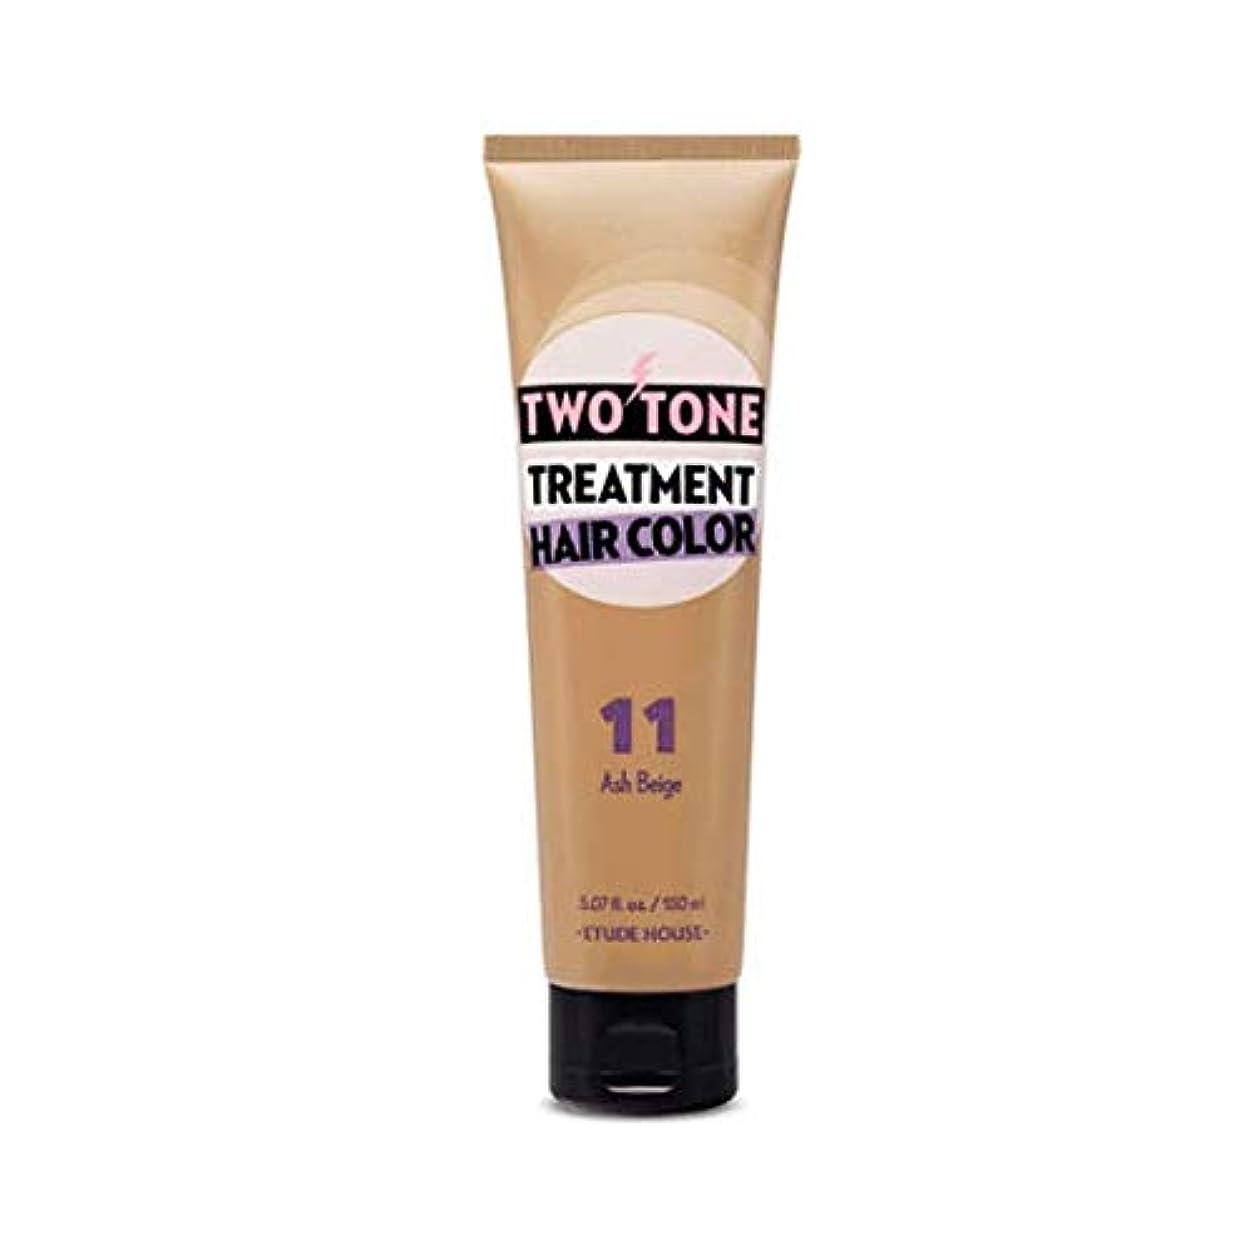 ウミウシ敬礼ETUDE HOUSE Two Tone Treatment Hair Color *11 Ash Beige/エチュードハウス ツートントリートメントヘアカラー150ml [並行輸入品]